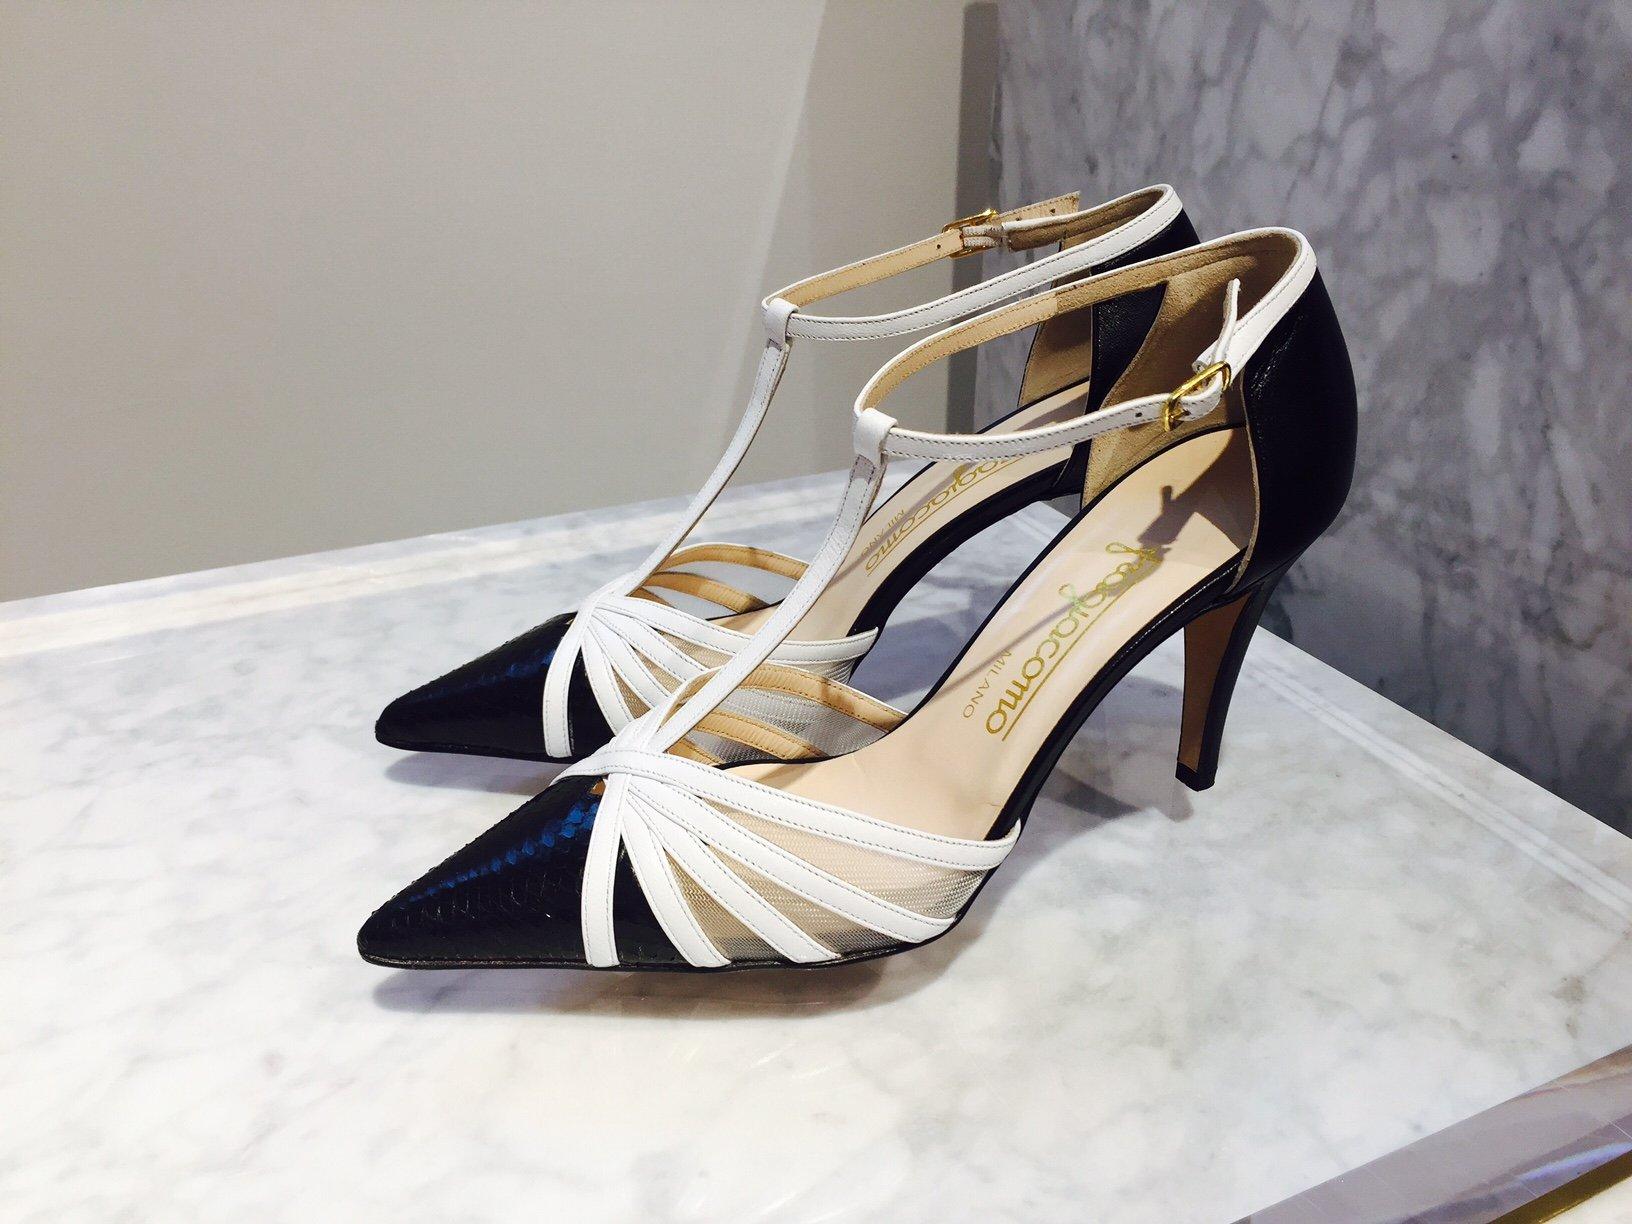 Foto di scarpe bianche e nere di Fragiacomo